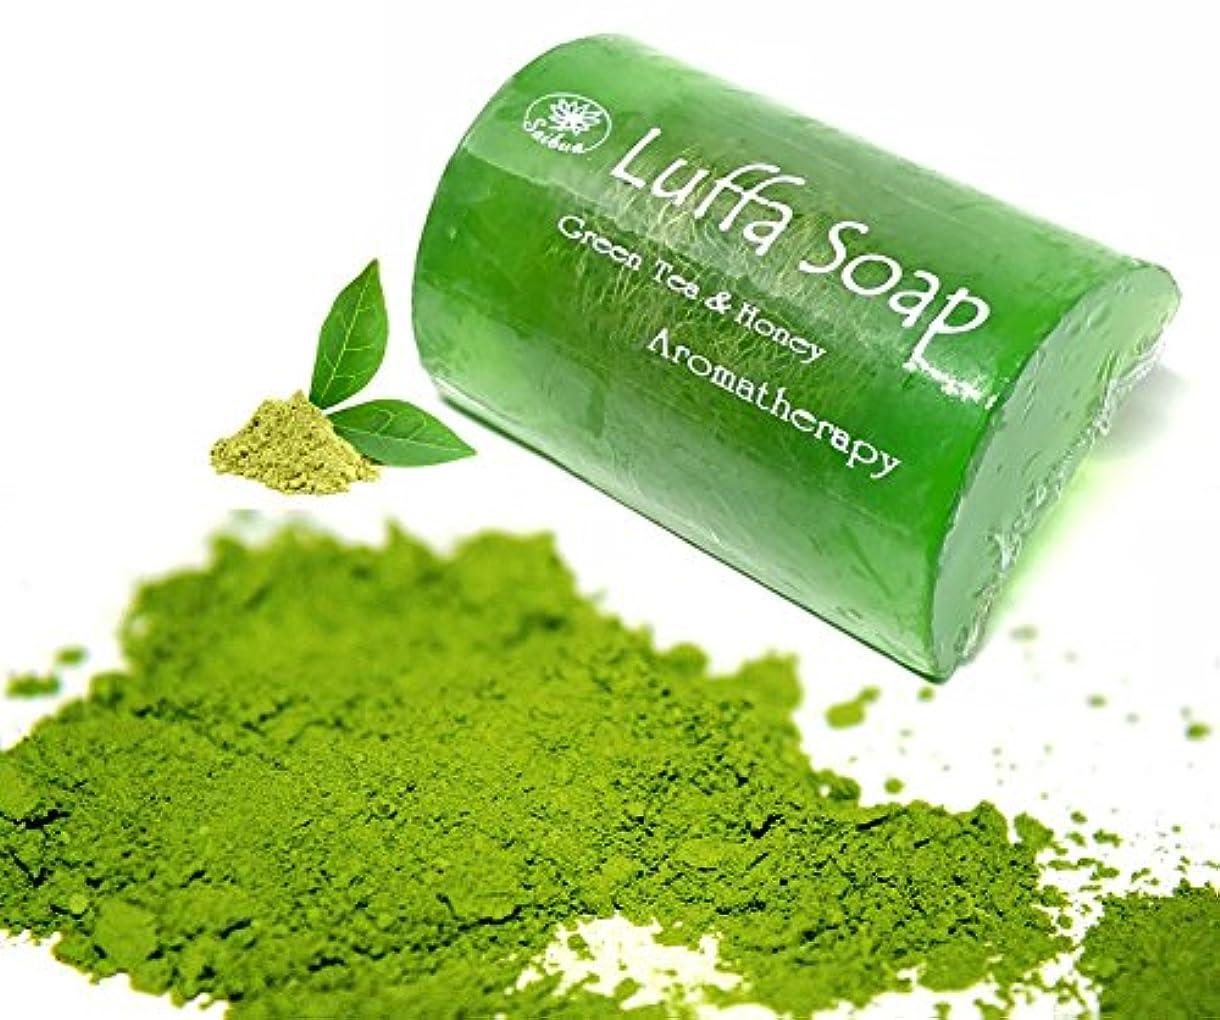 発生弱点韻Soap Net Nature Handmade Aroma Aroma Tea & Honey Scrub Herbal Natural Relaxing After Work & Sport A luffa middle...